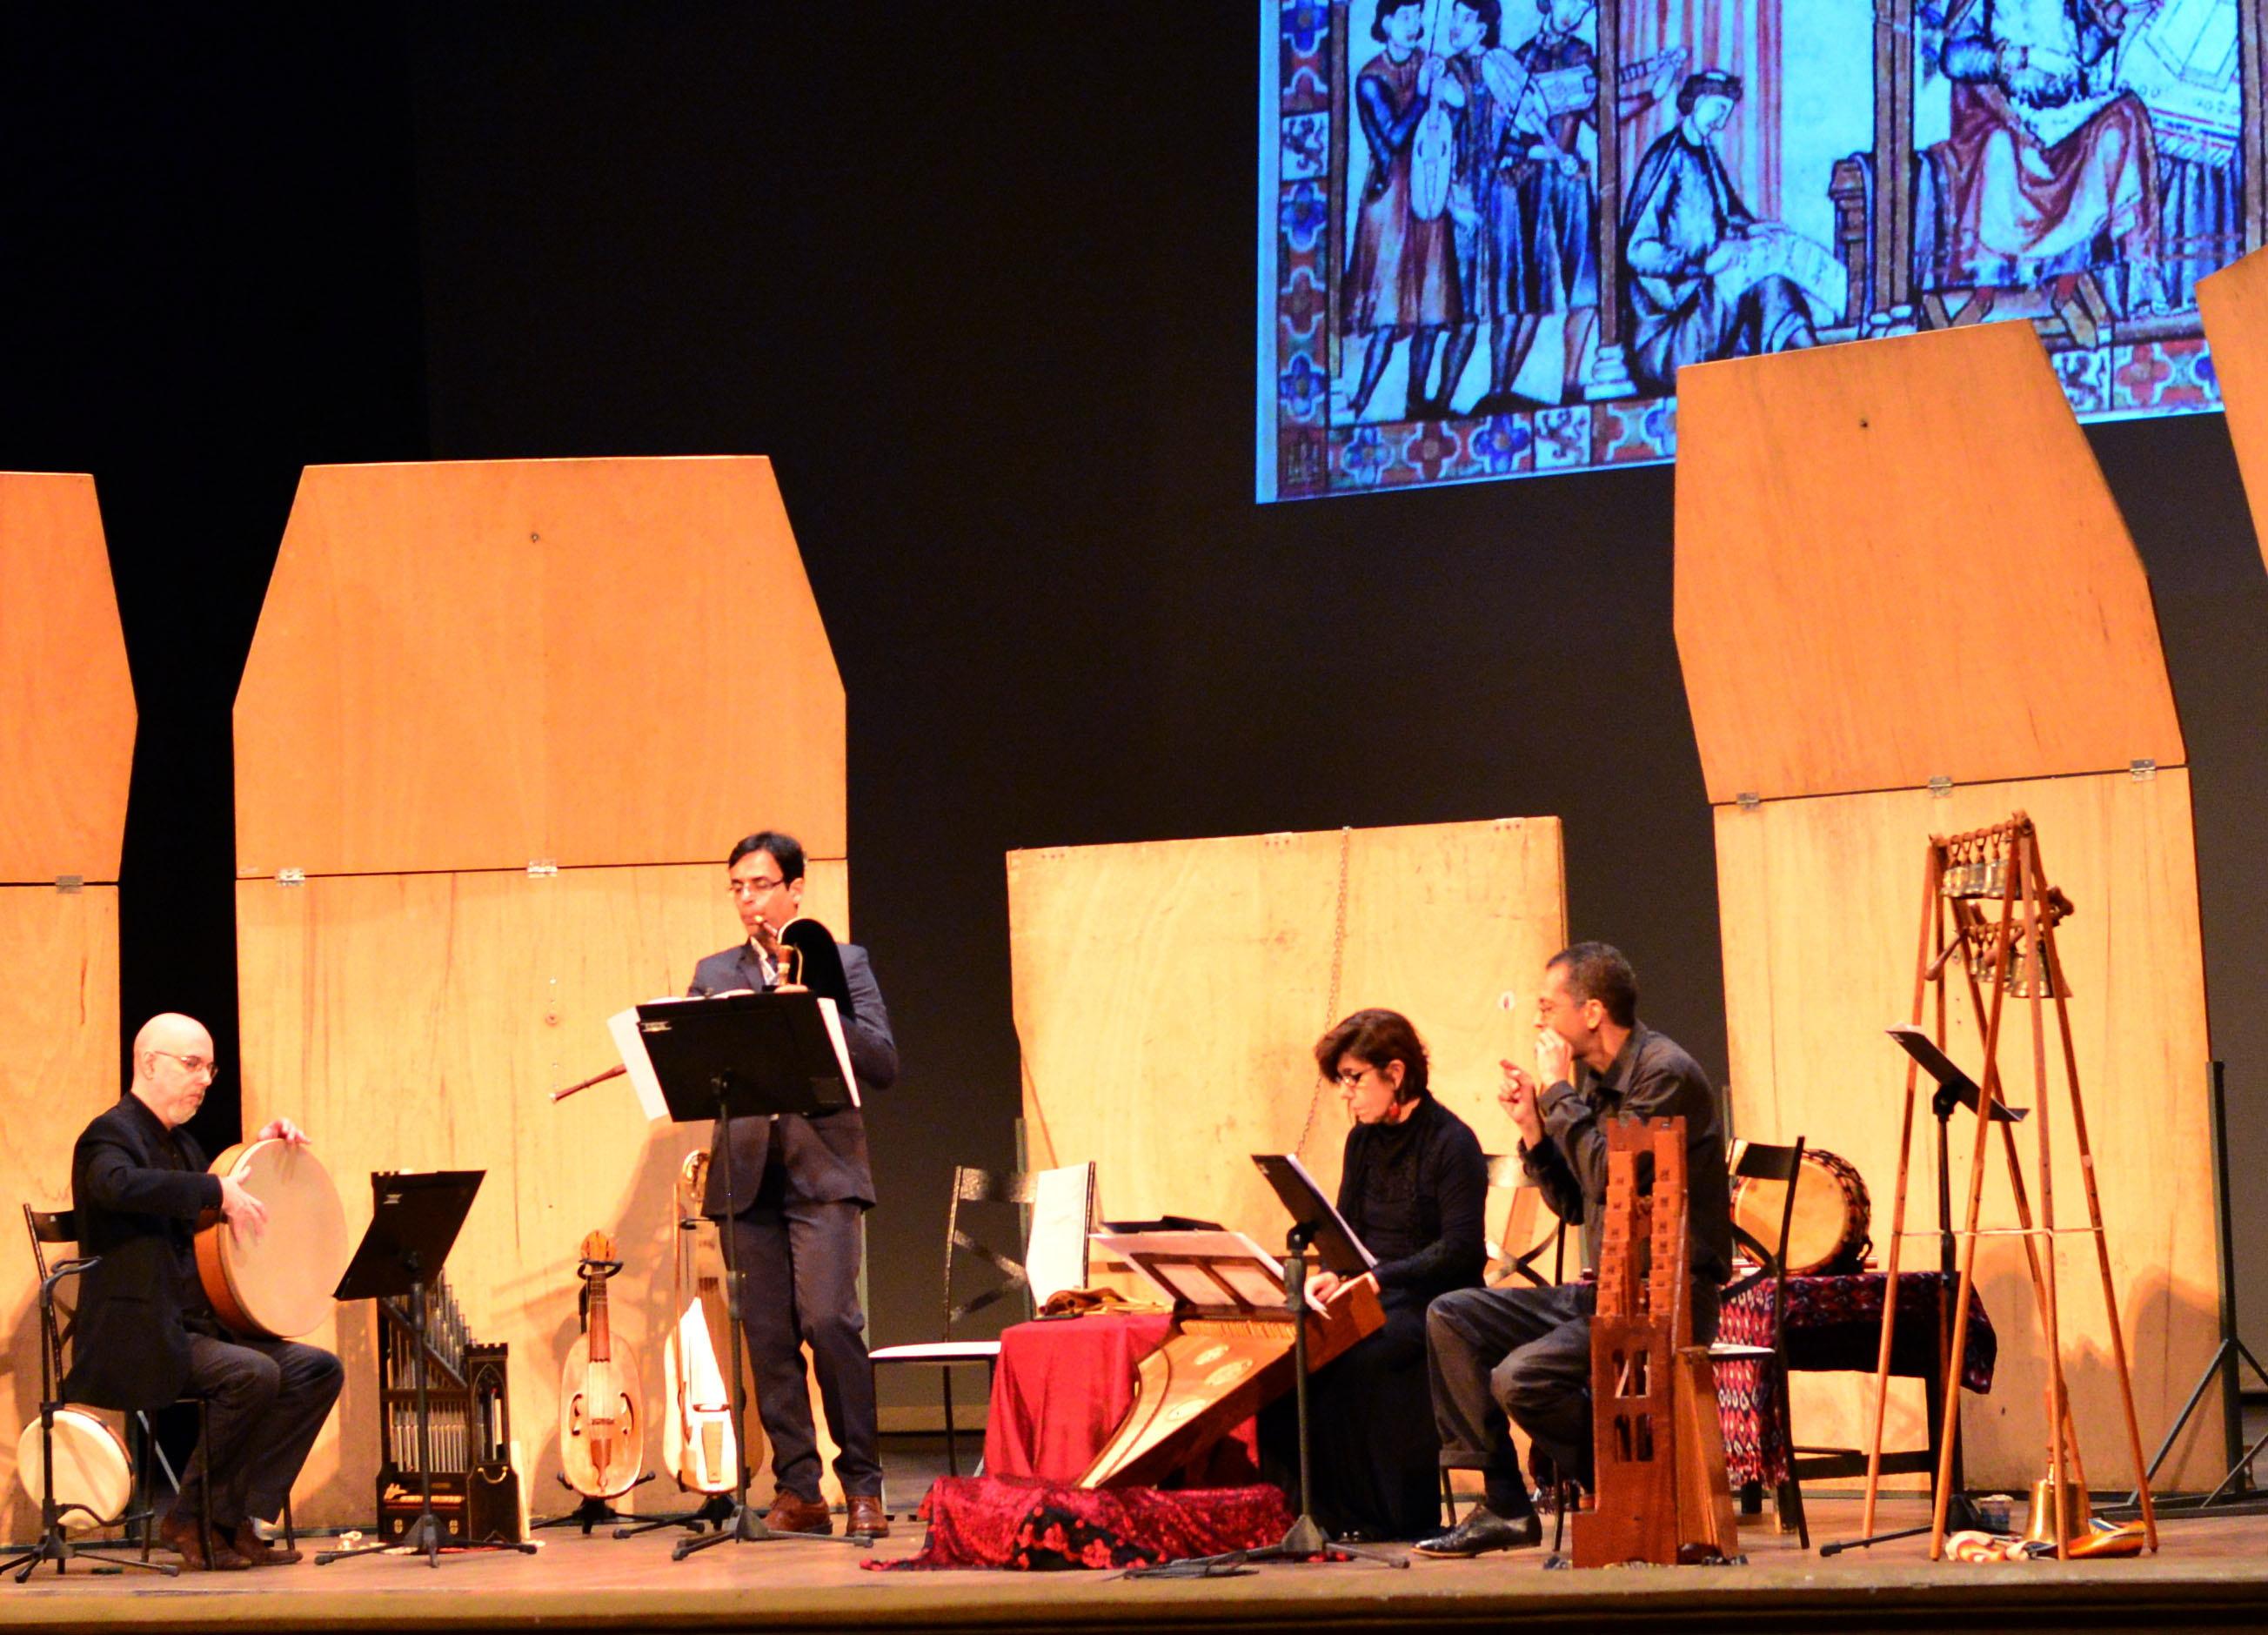 A imagem contém quatro músicos do Conjunto Atempo se apresentando no Festival Internacional de Música Colonial Brasileira e Música Antiga: um homem em pé está seguindo uma partitura enquanto toca seu instrumento musical junto a dois homens e uma mulher que estão sentados, também tocando. Ao fundo do palco está refletida uma imagem de uma pintura medieval que representa músicos trovadores.